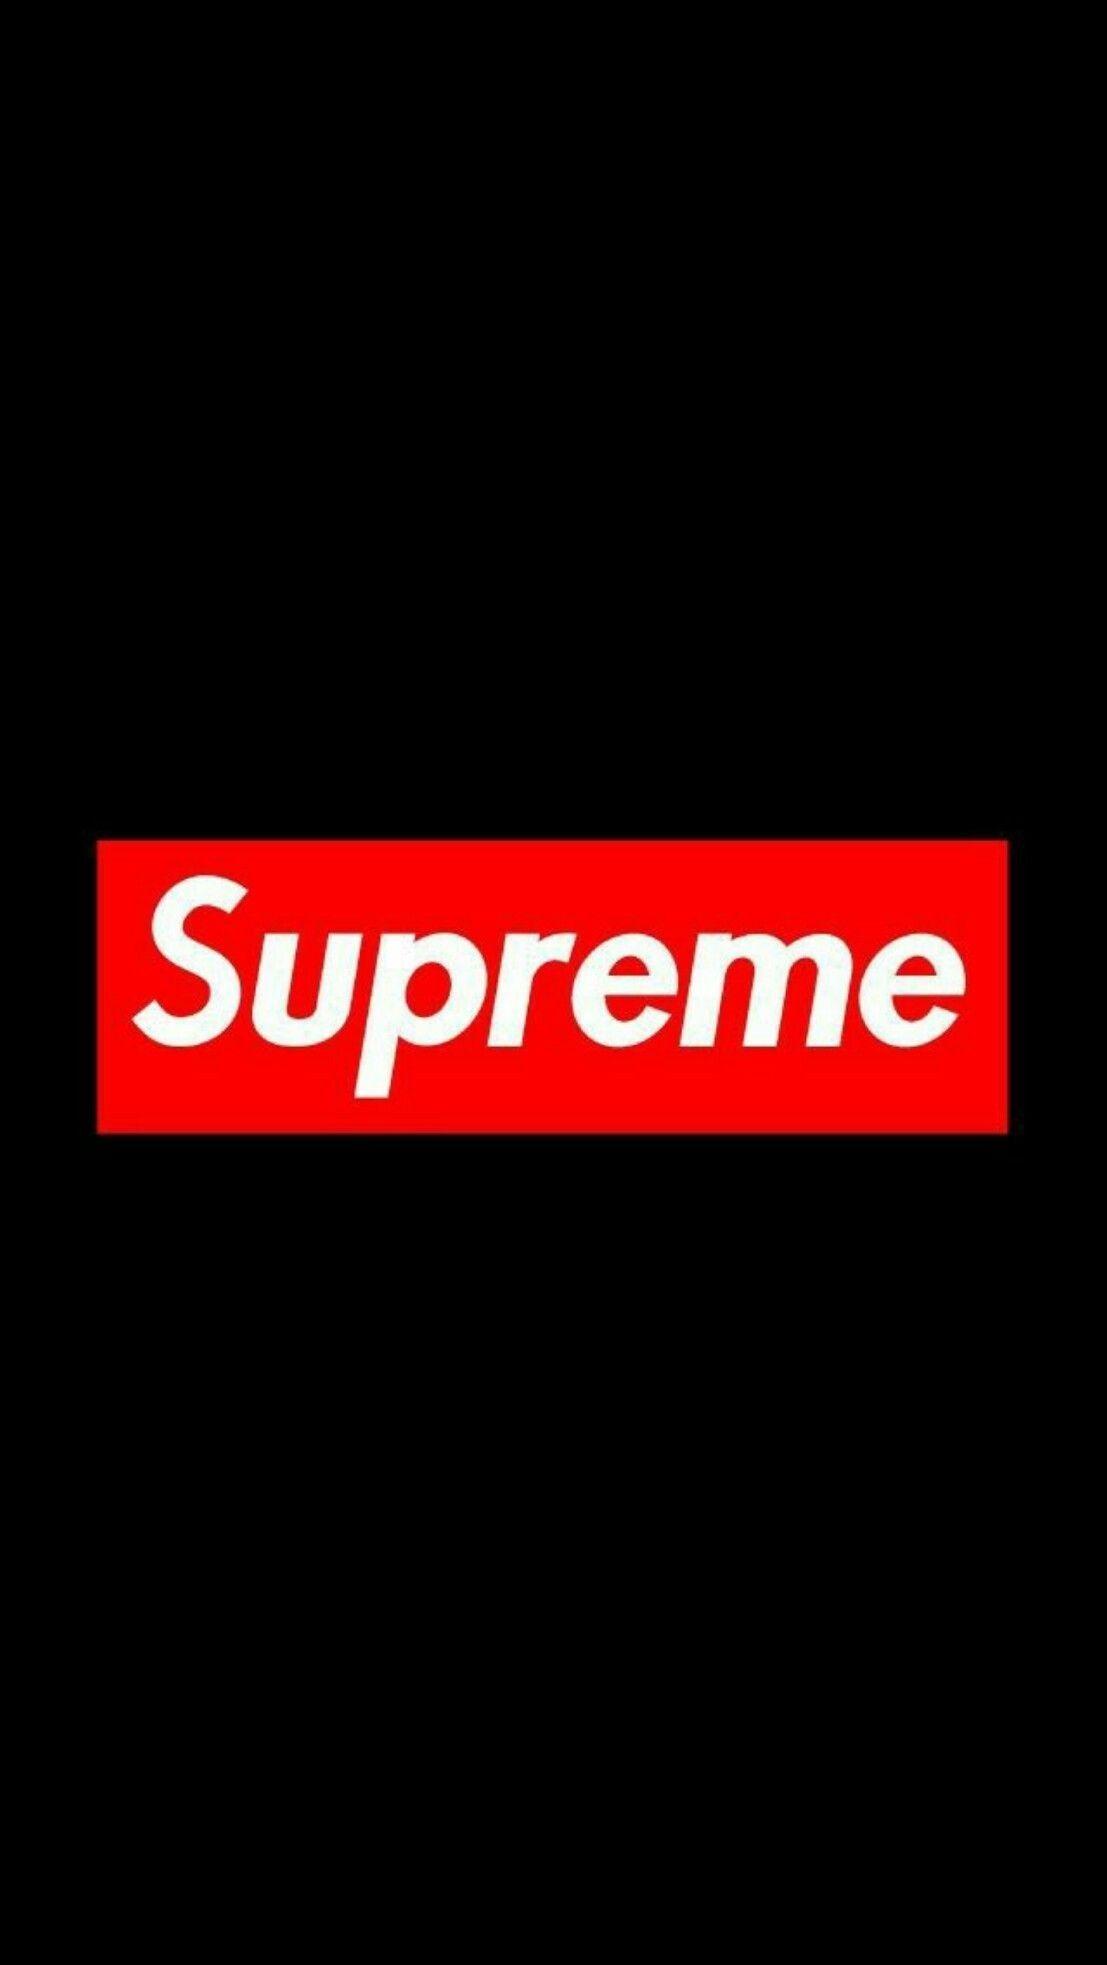 Fresh Supreme Wallpaper Iphone 7 In 2020 Supreme Iphone Wallpaper Supreme Wallpaper Adidas Wallpapers